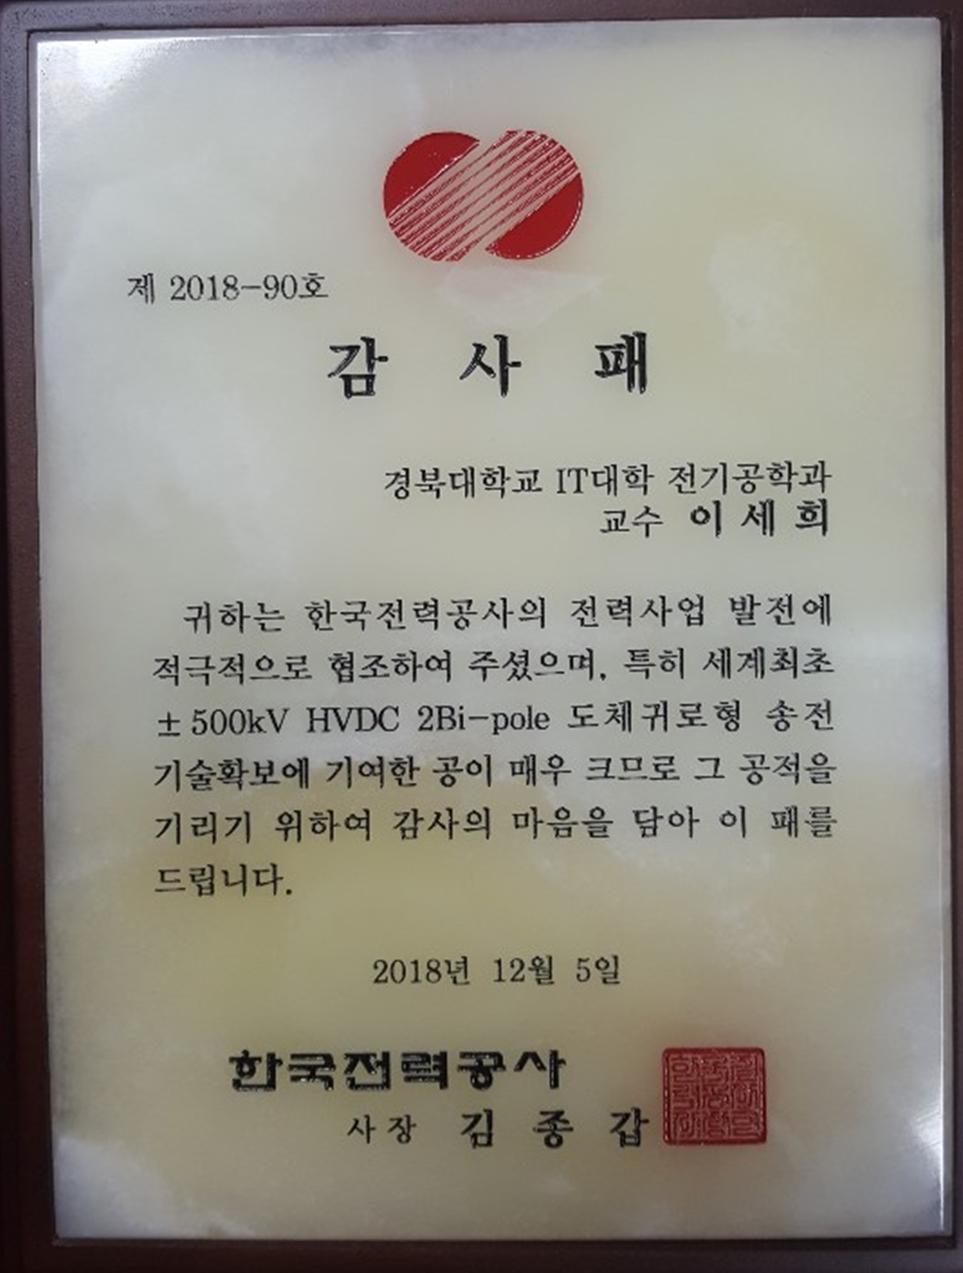 한국전력공사 감사패(이세희).jpg